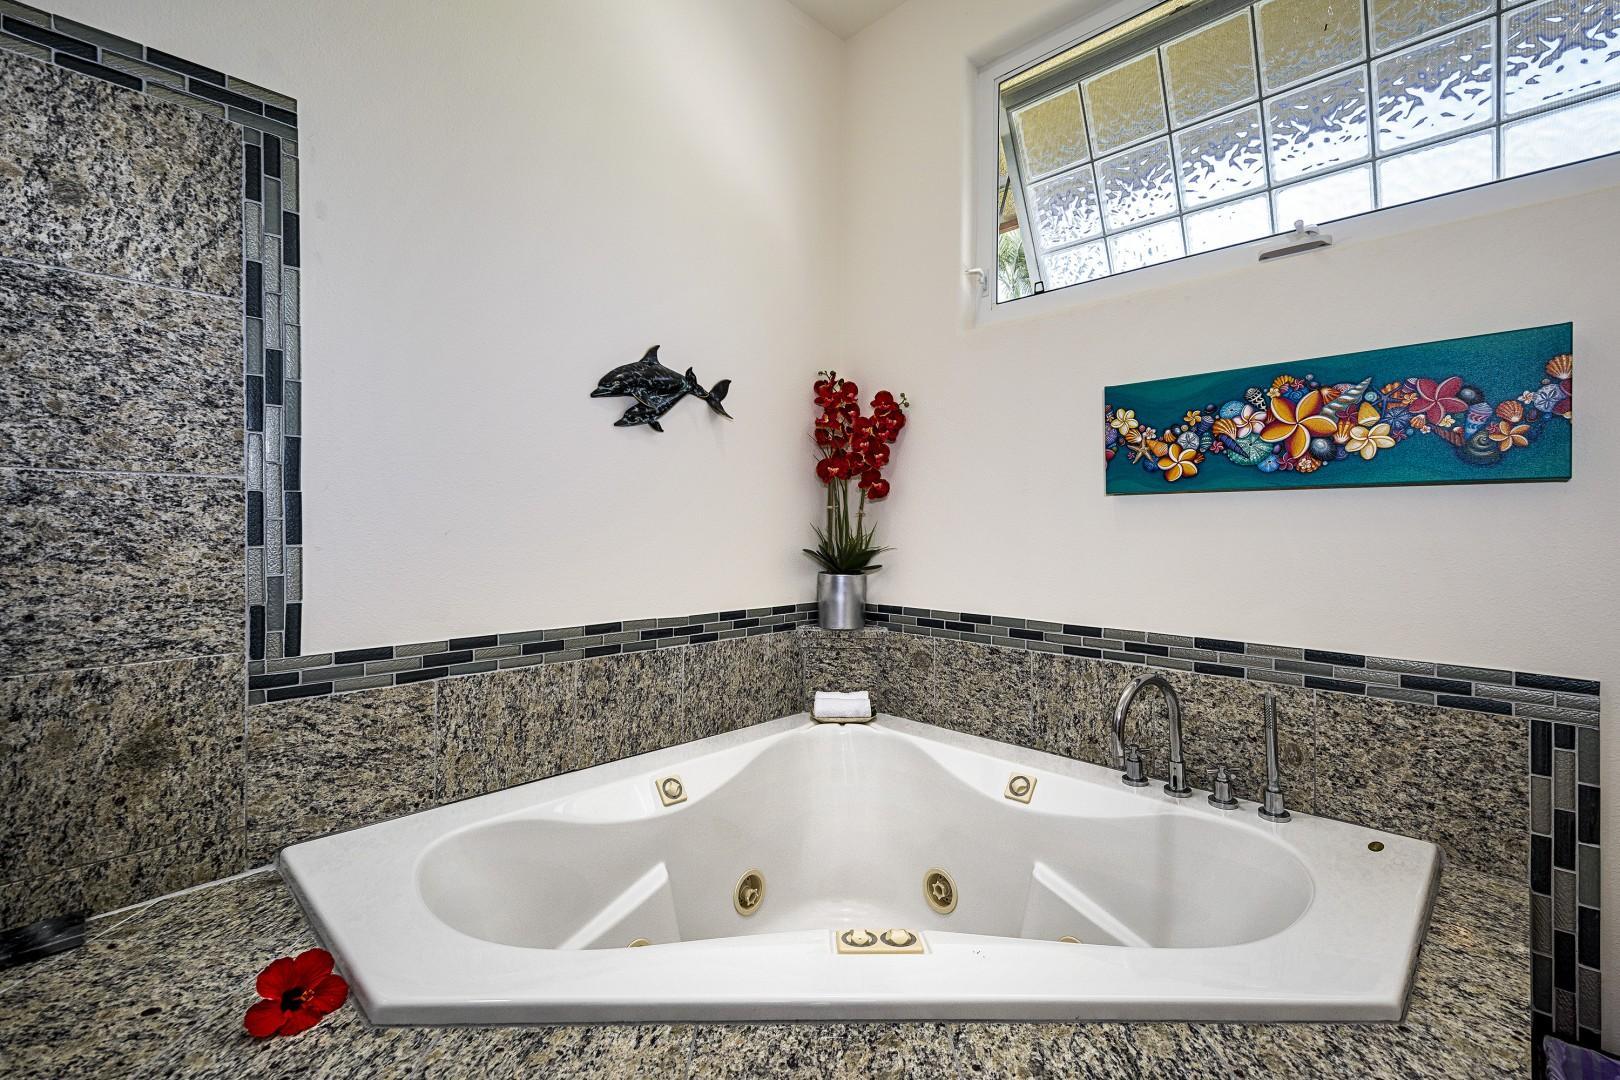 Large jacuzzi tub!